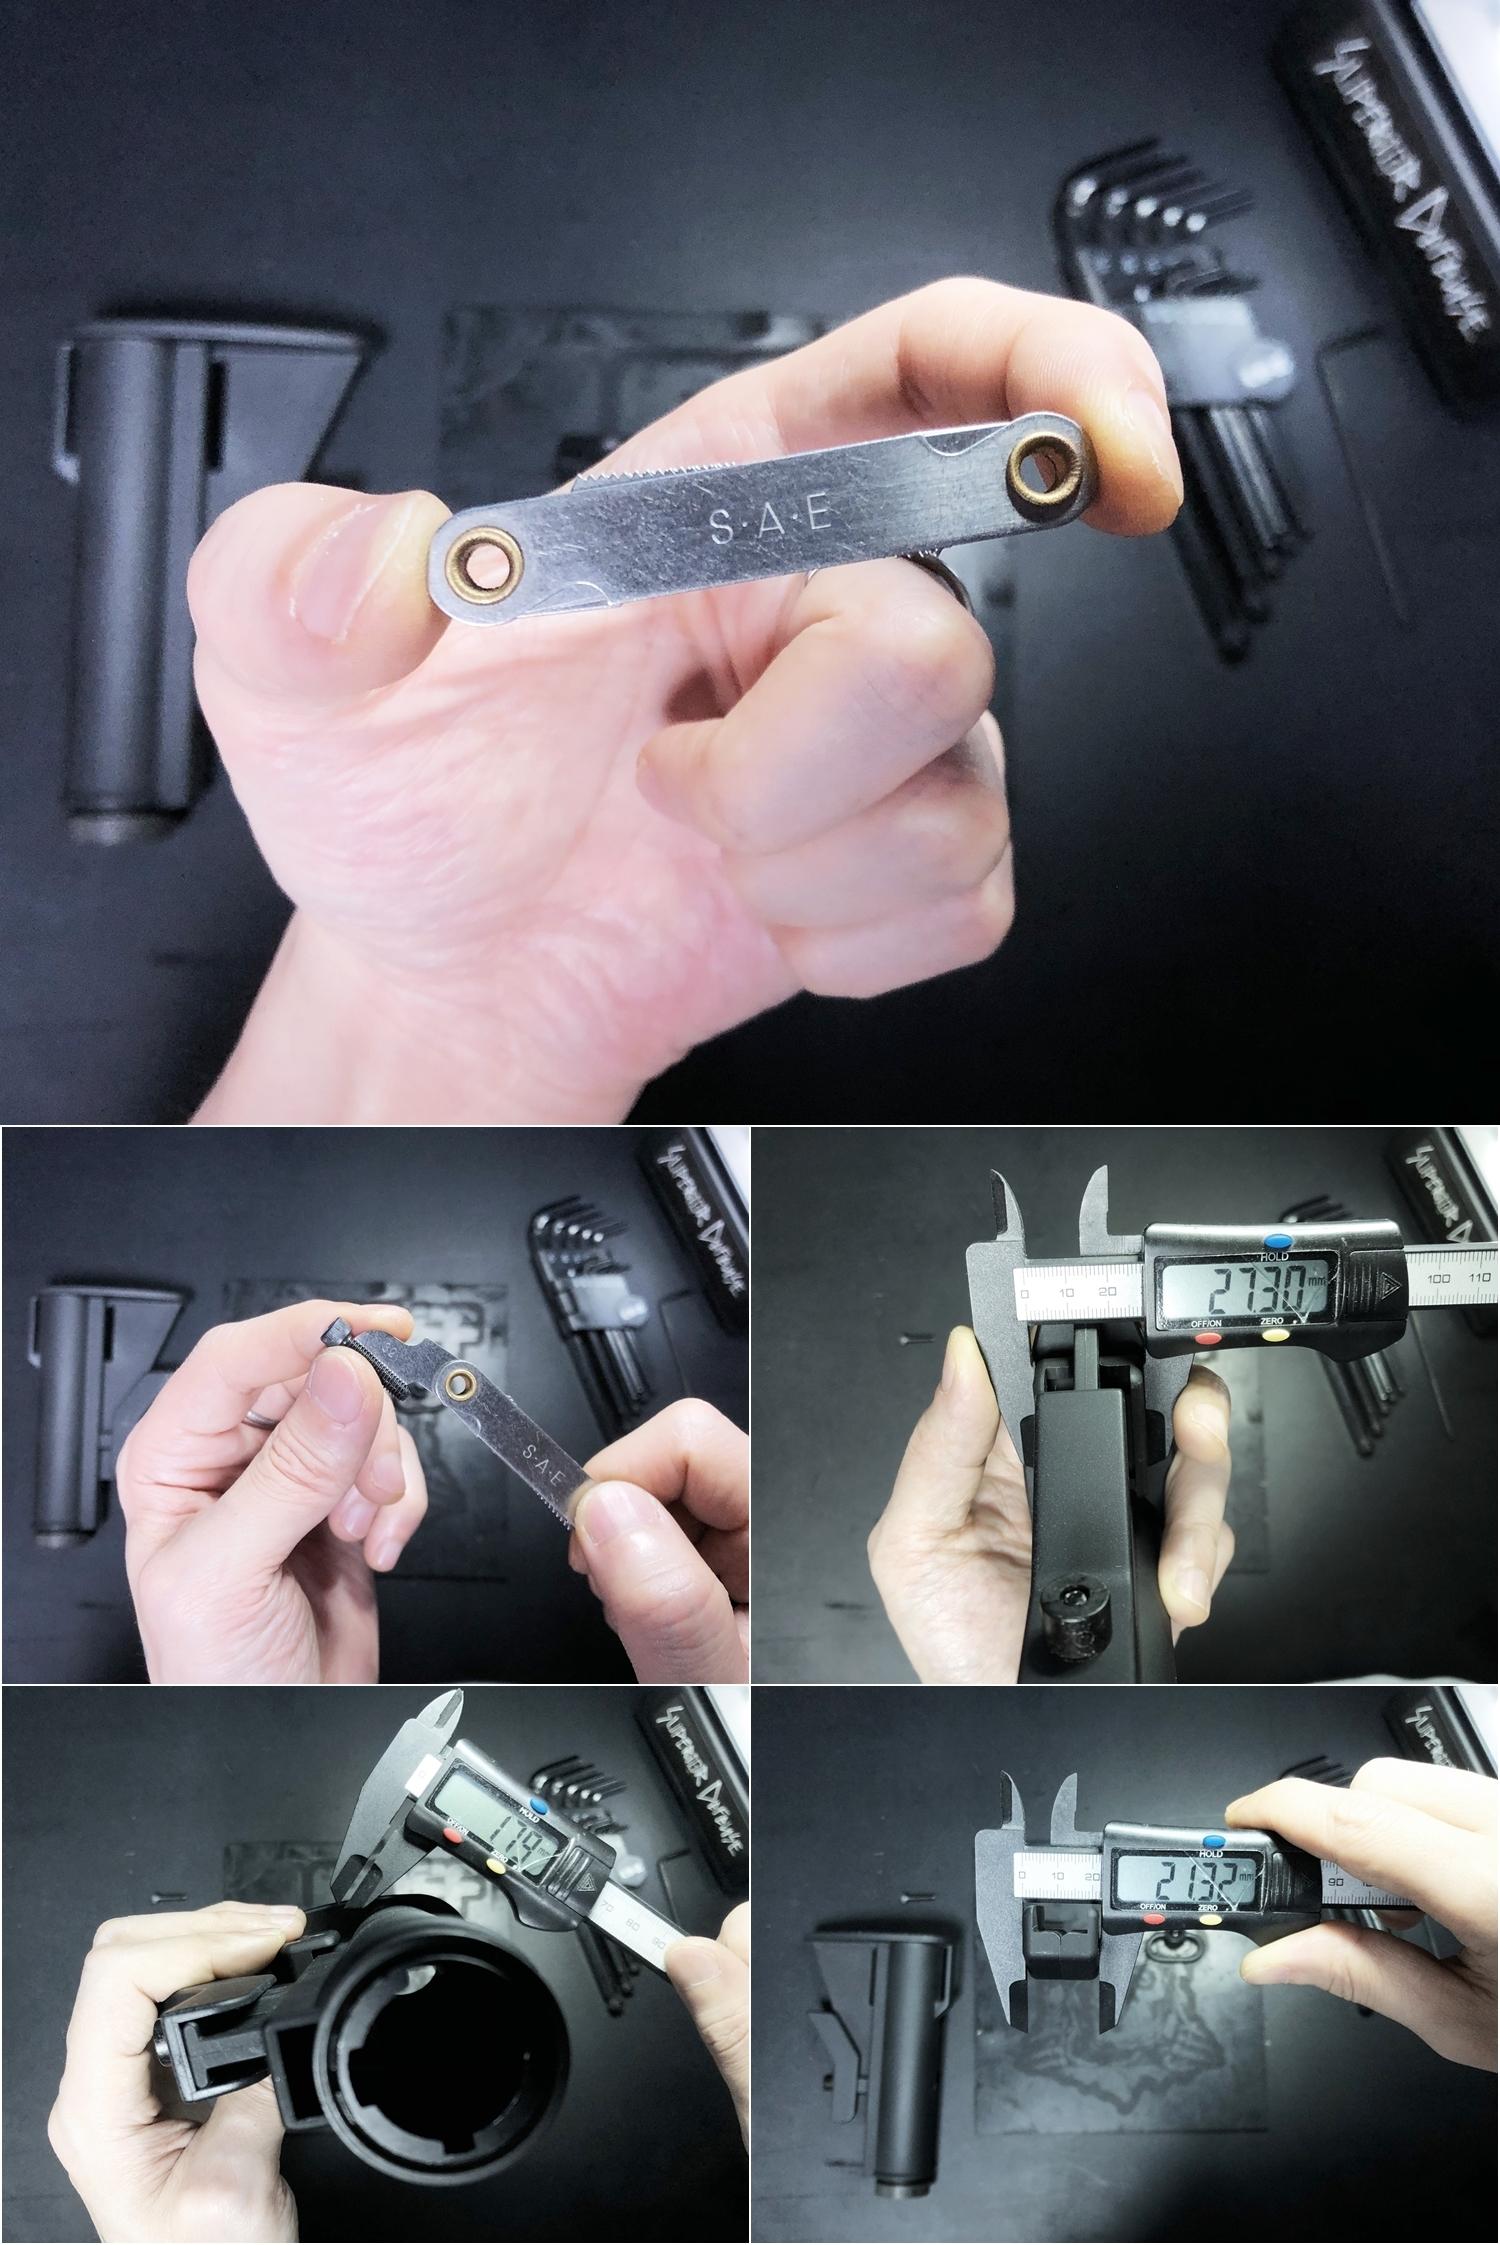 11 実物 Knight's Armament M4 Carbine Buttstock QD Sling Mount Kit & JOHN MASEN DELTA PAD & REMAKE M733 COMMANDOS STOCK!! DIY NOVESKE PIG!! KAC ナイツ QD デルタパッド!! 購入 取付 カスタム レビュー!!